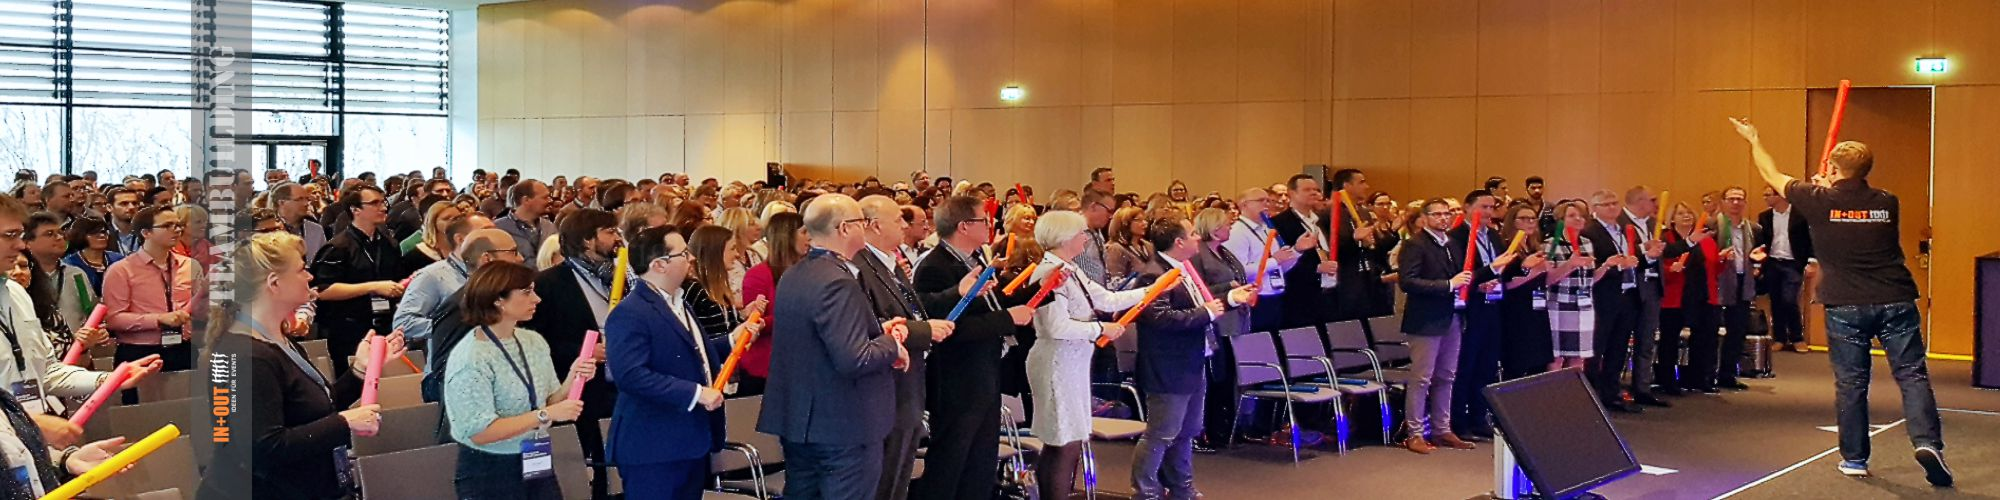 Bommwhackers Team Event - Lufthansa 550 Teilnehmer